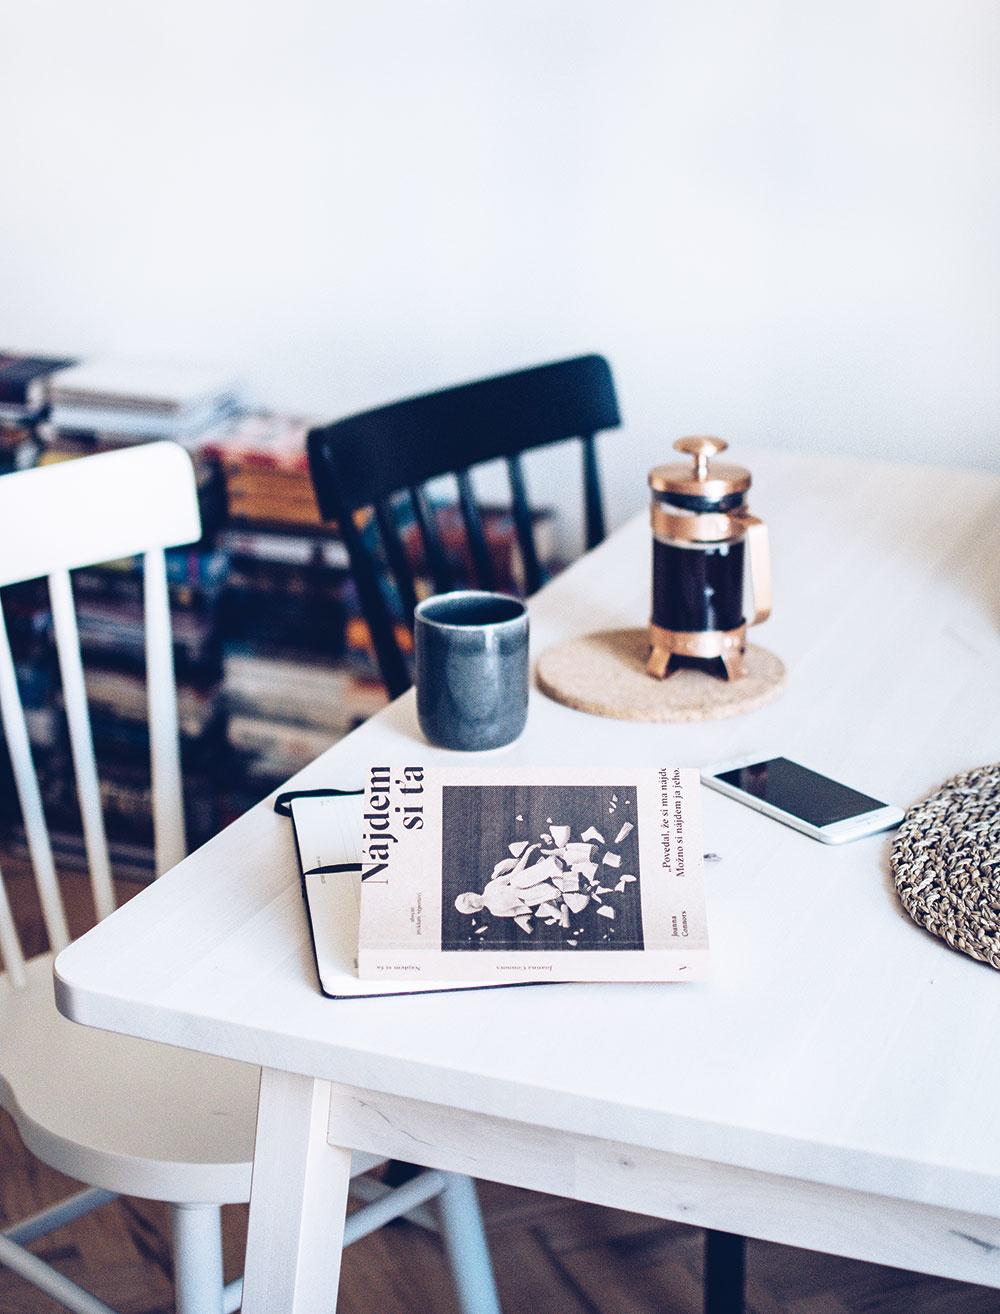 Šálka rannej kávy v spojení s dobrou knihou je ideálnym začiatkom dobrého dňa.